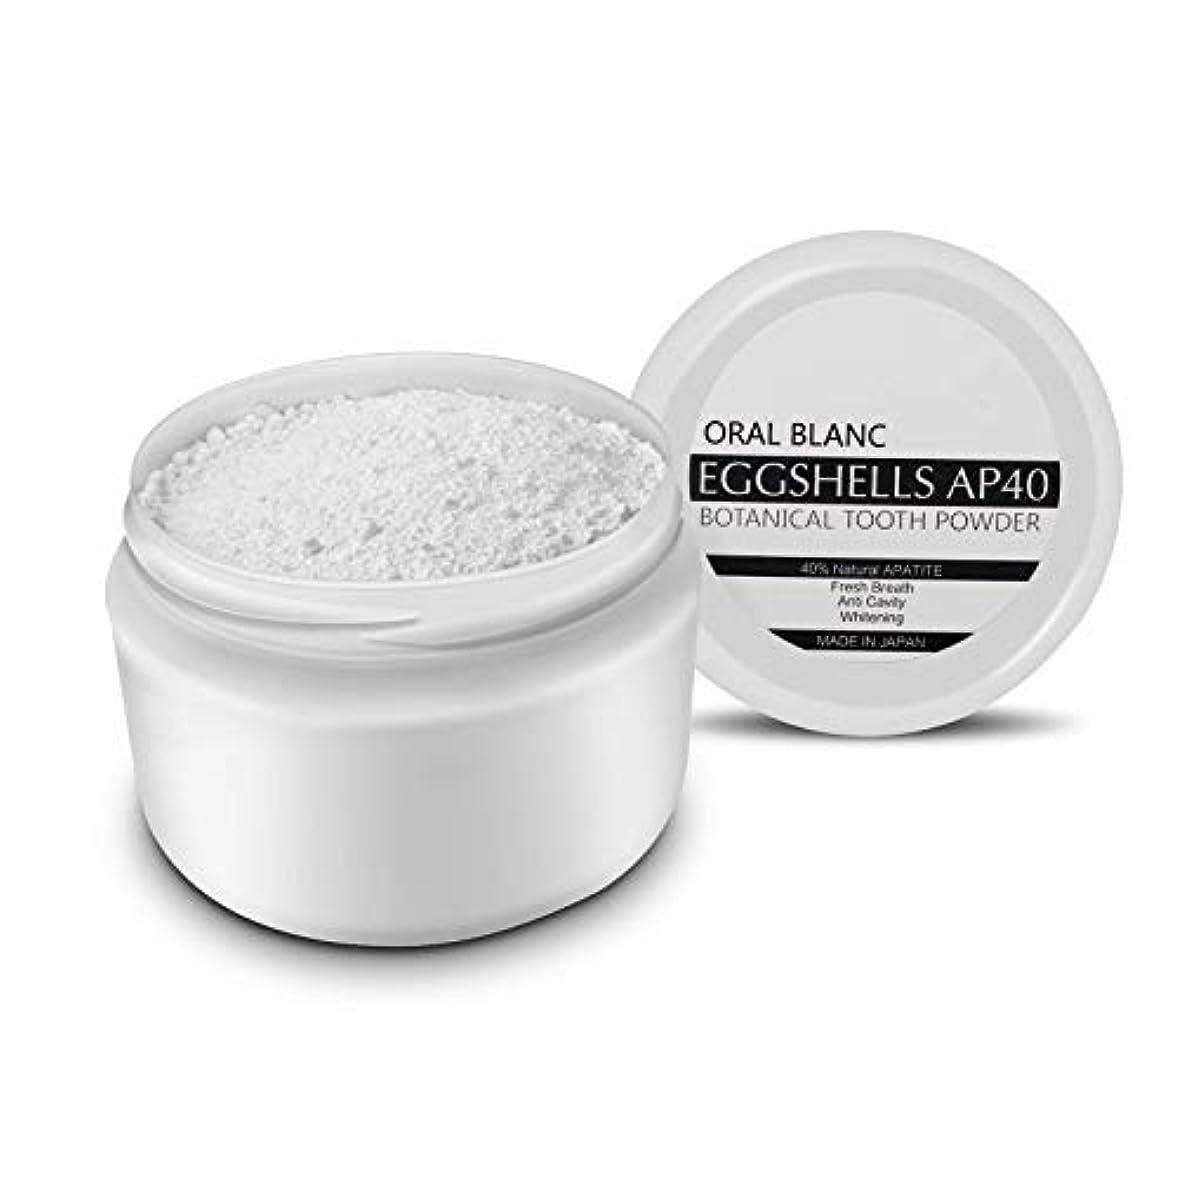 テンポ持続的マーカーOralblanc Eggshells オーラルブラン エッグシェルズ ホワイトニング用 歯磨き粉 業界最高濃度 卵殻 バイオアパタイト Apatite 40%高配合 美白ケアの粉ハミガキ